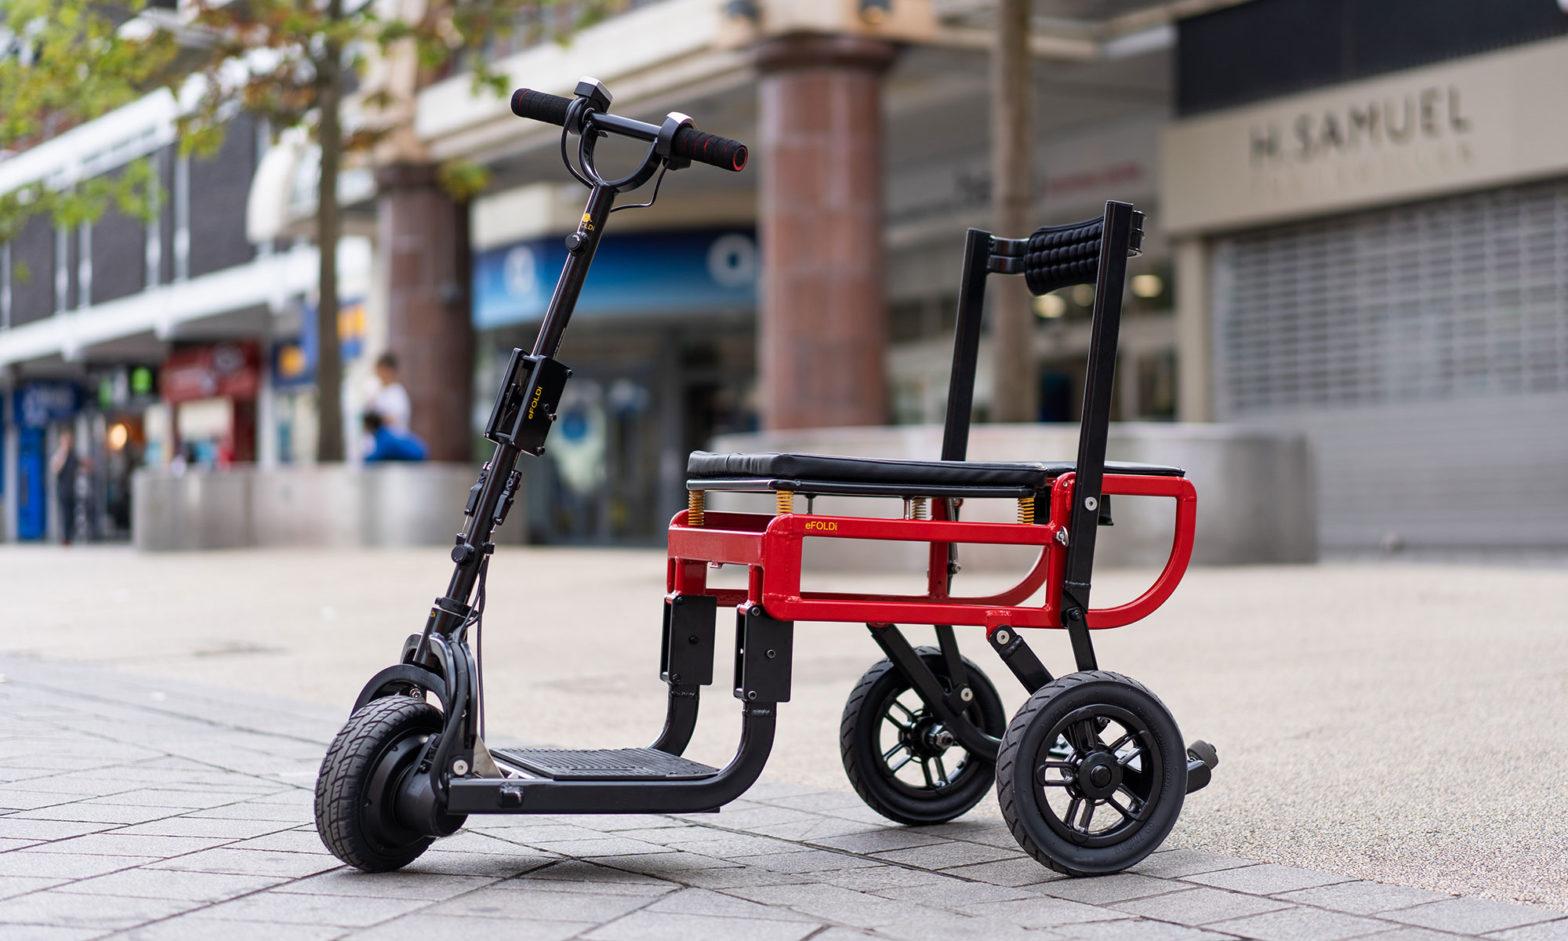 eFOLDi Lite Folding Mobility Scooter